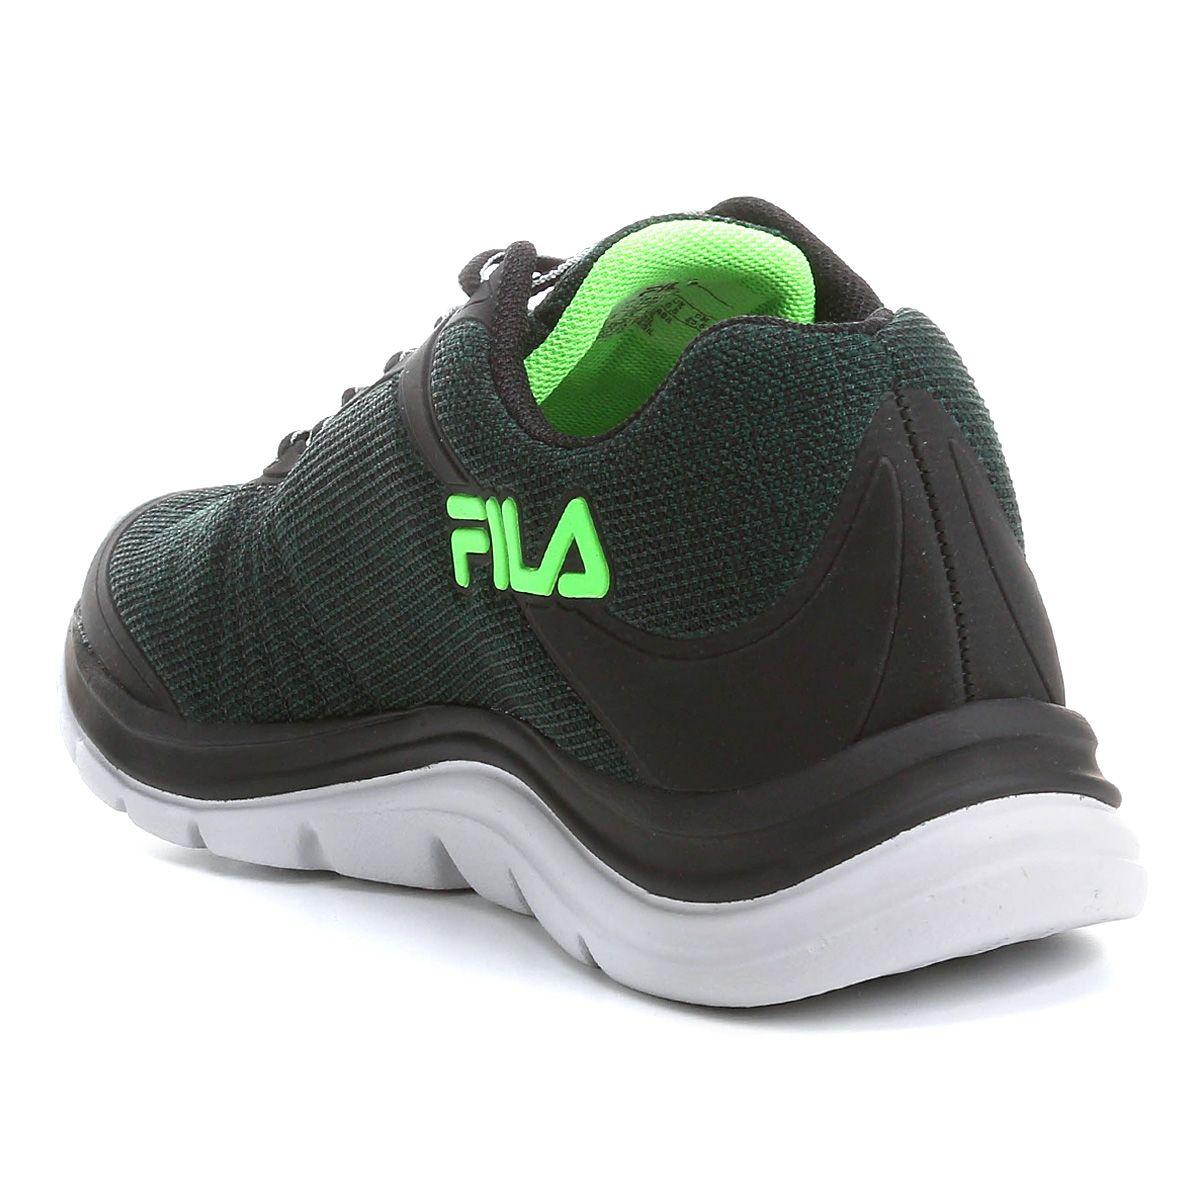 Tênis Fila Twisting Masculino 11J499